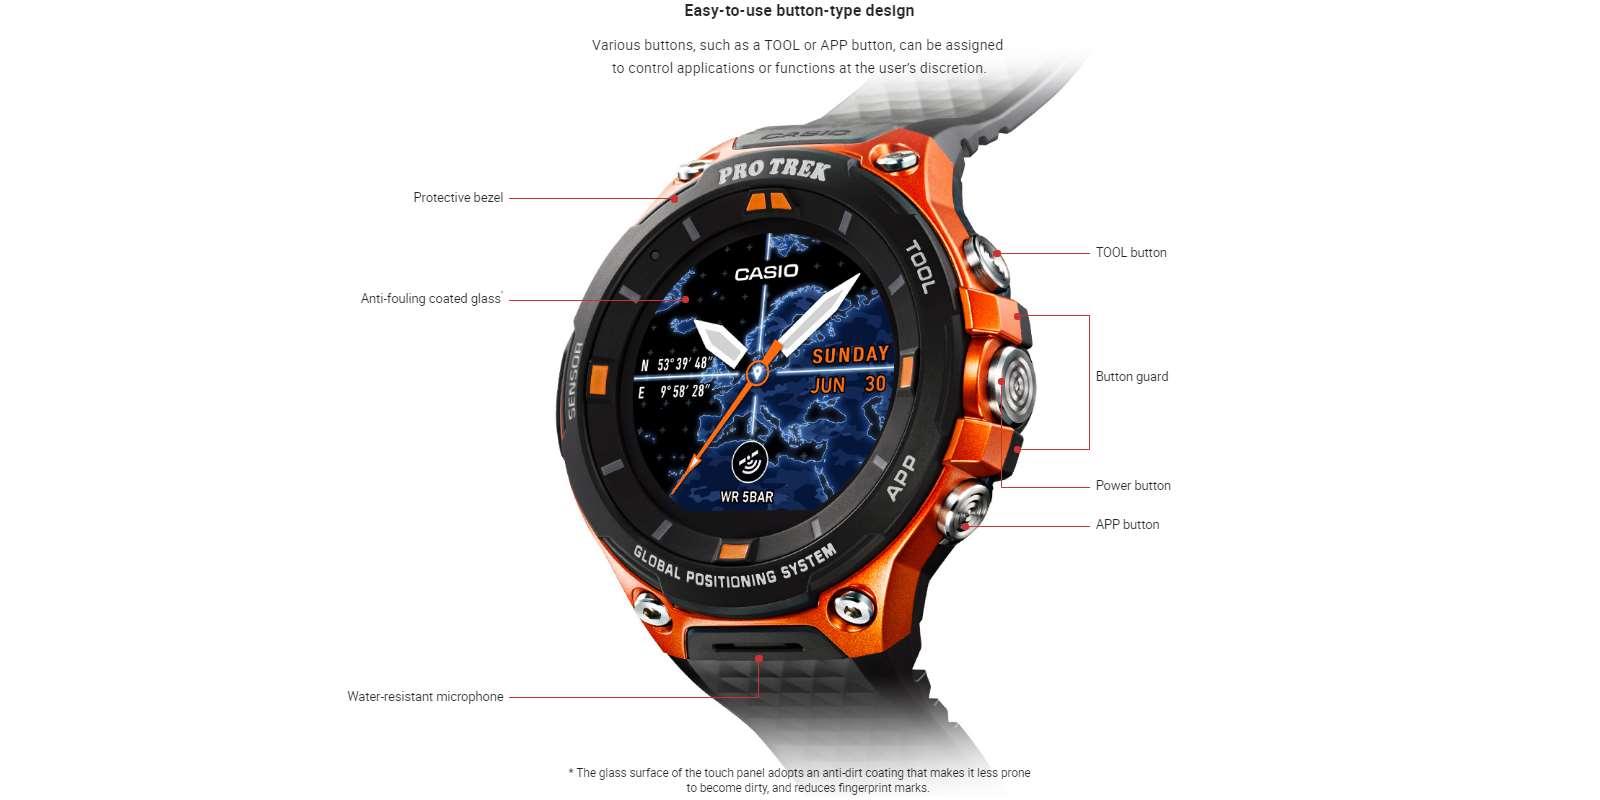 V prodeji se model WSD-F20 objeví v černé a oranžové variantě. Oproti  předchozí verzi má ještě robustnější rámeček. 8dfe6d5fc8b